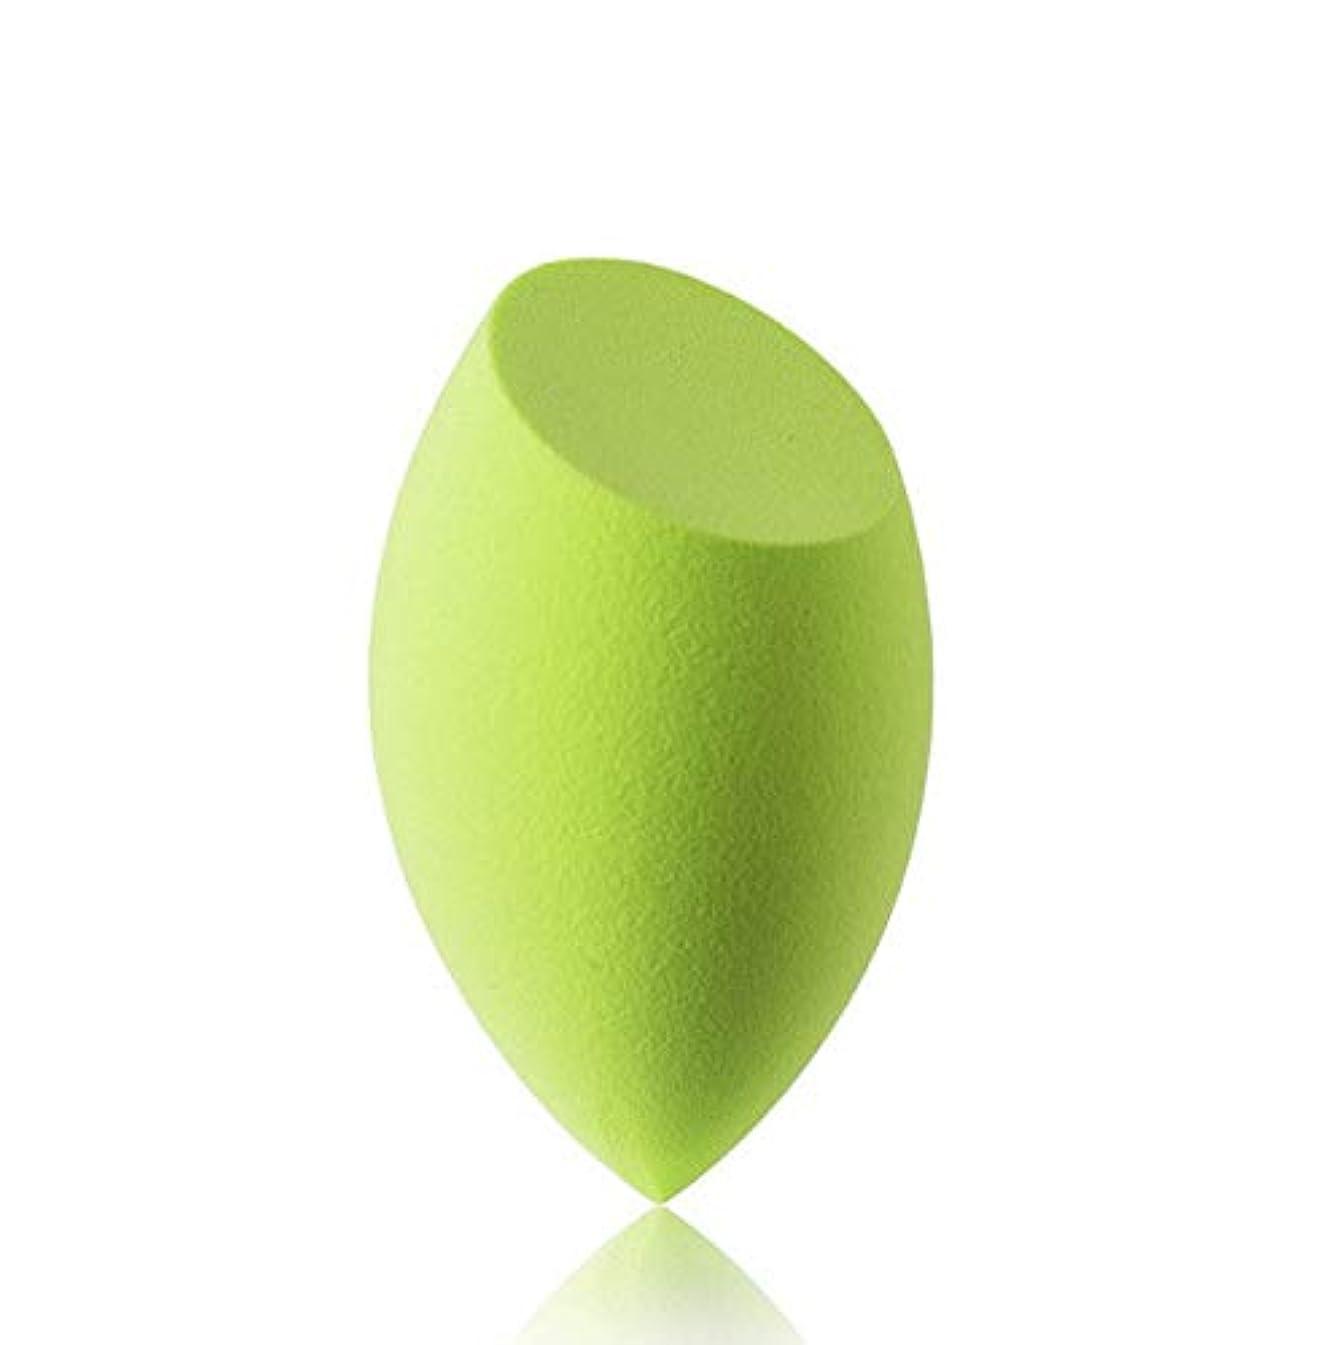 苦悩クリーナーつぶす美容スポンジ、ソフトブルー、グリーン美容エッグメイクブレンダーファンデーションスポンジ (Color : グリンー)